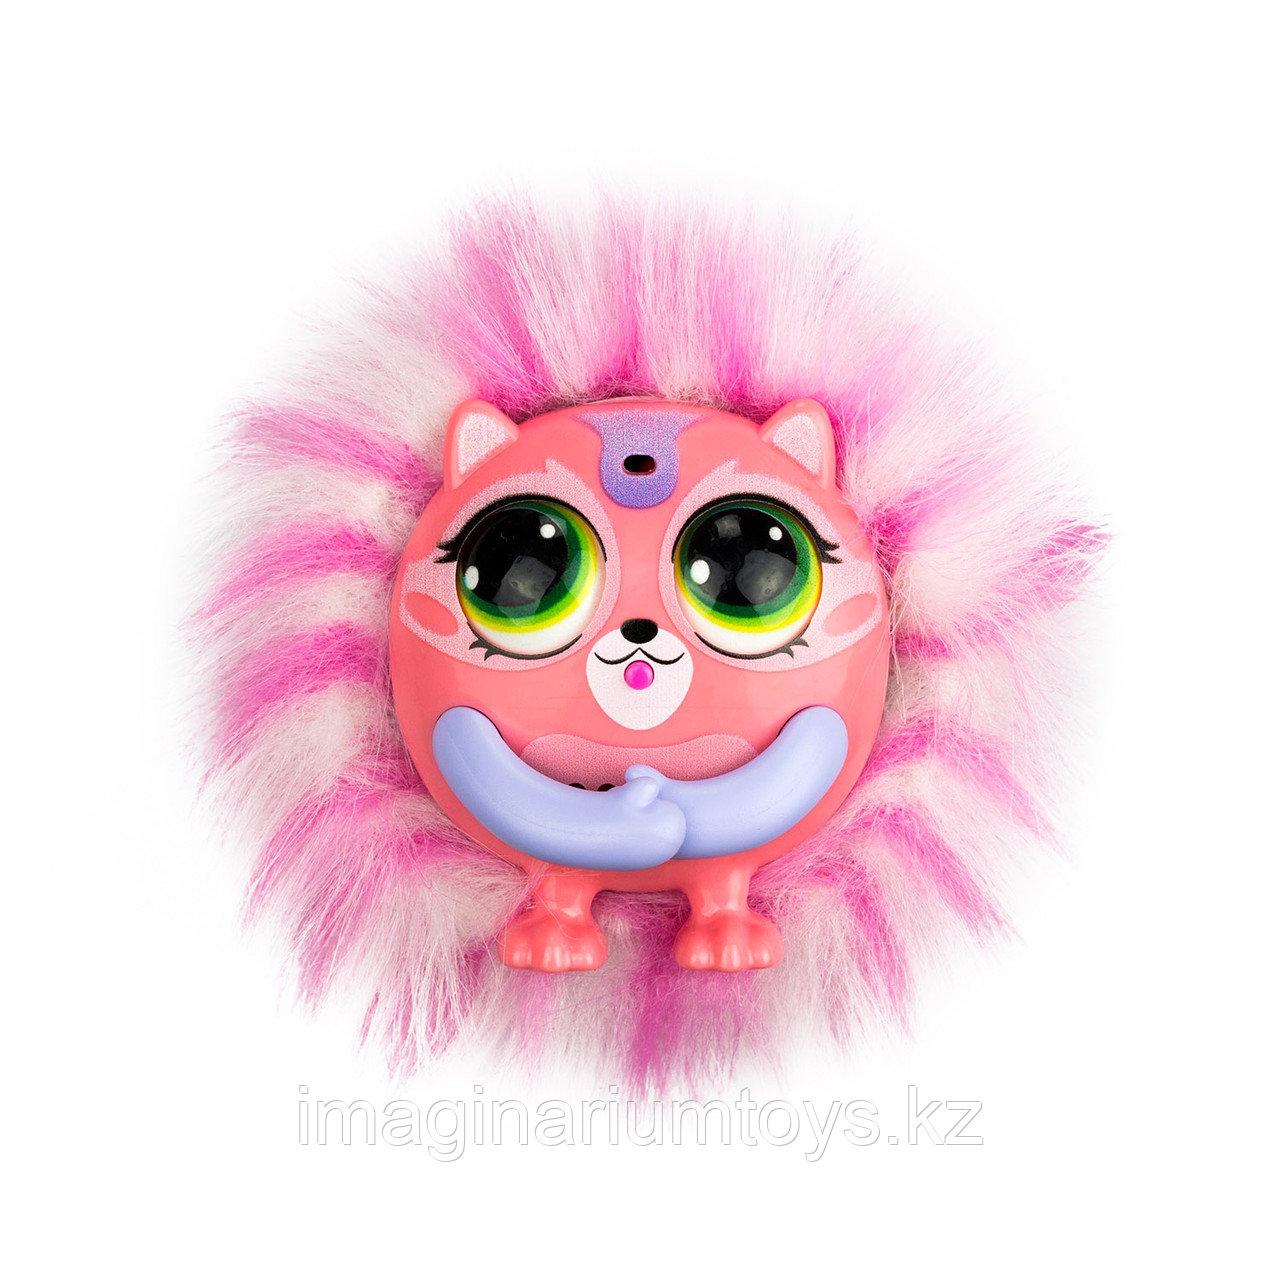 Tiny Furry Интерактивная игрушка Mallow